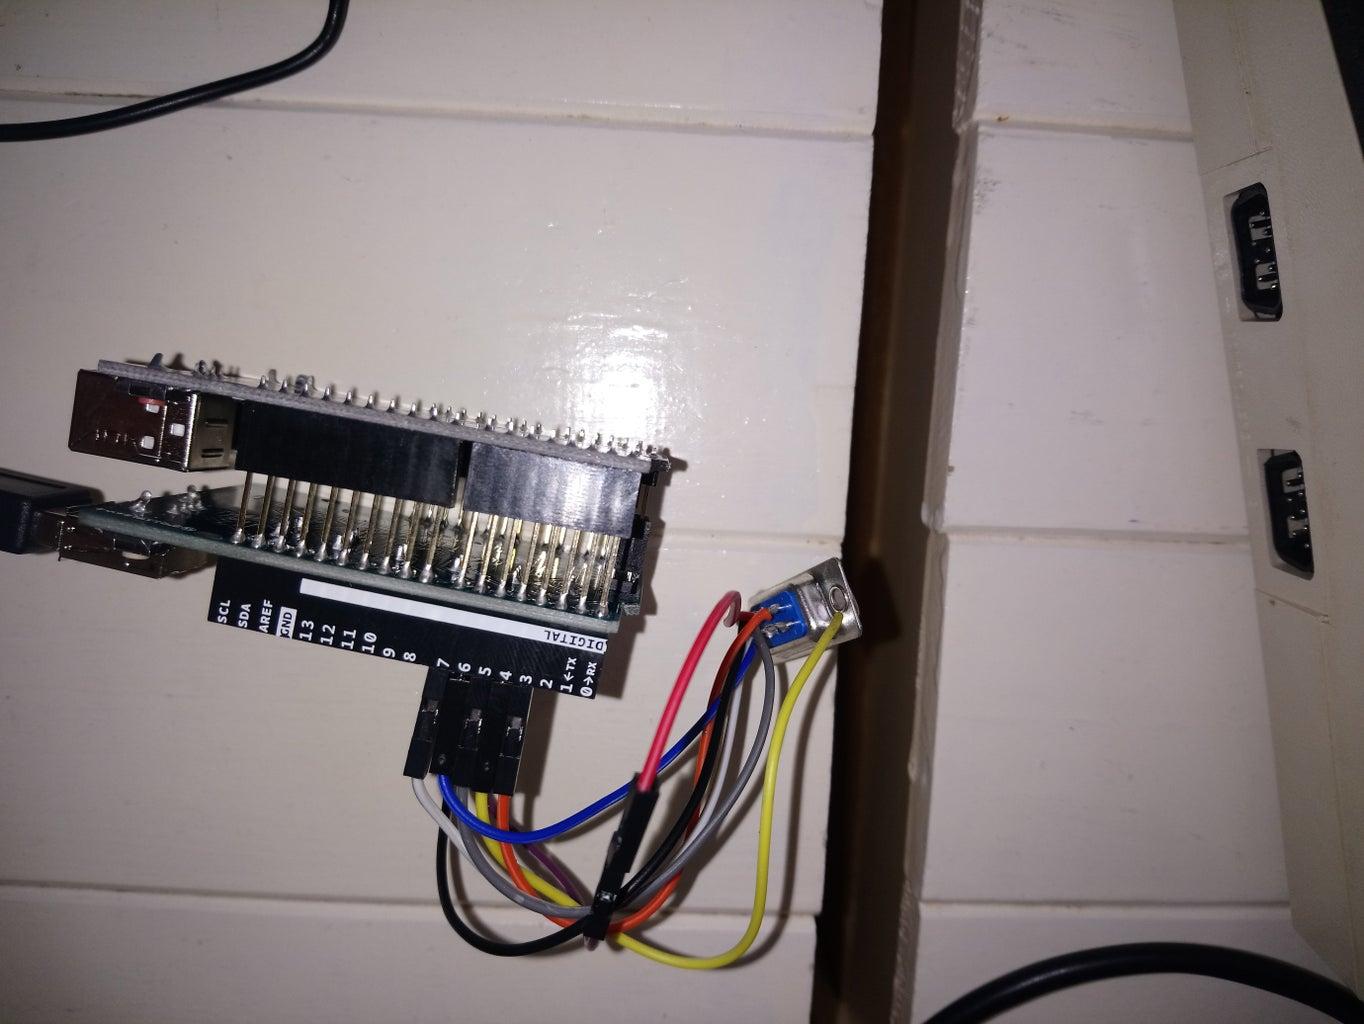 1) Attach the USB Shield